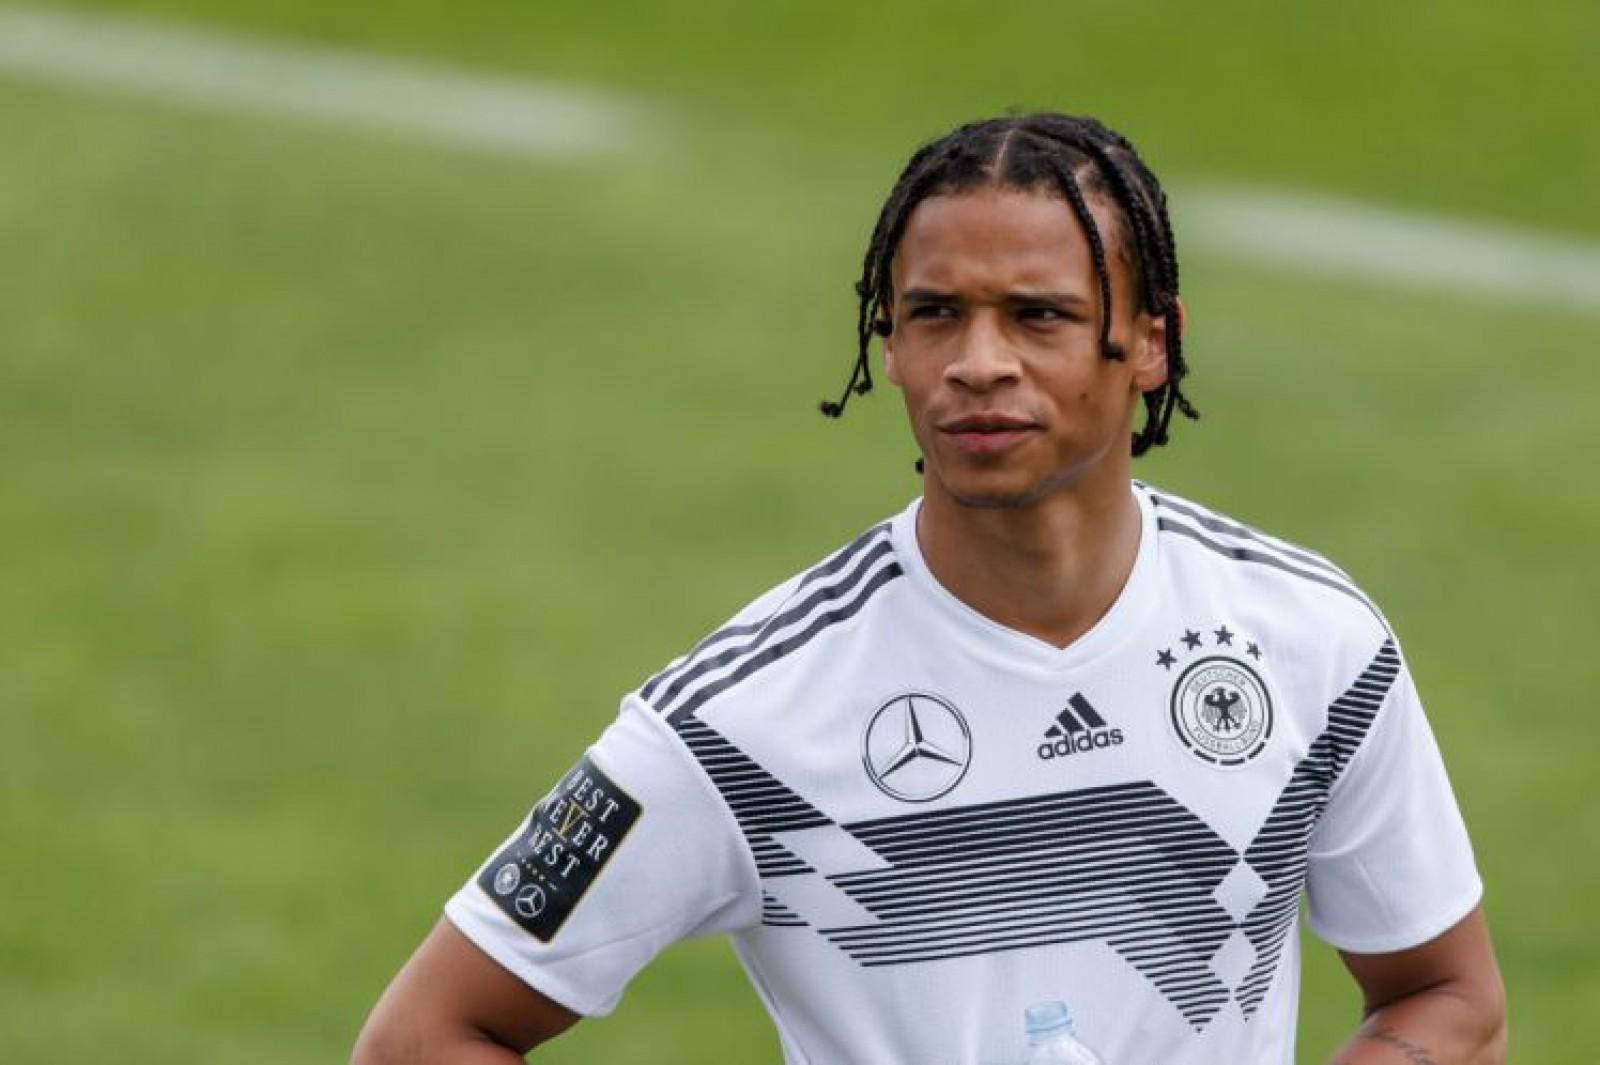 Absență importantă în lotul Germaniei. Joachim Low nu l-a convocat pe starul lui Manchester City Leroy Sane